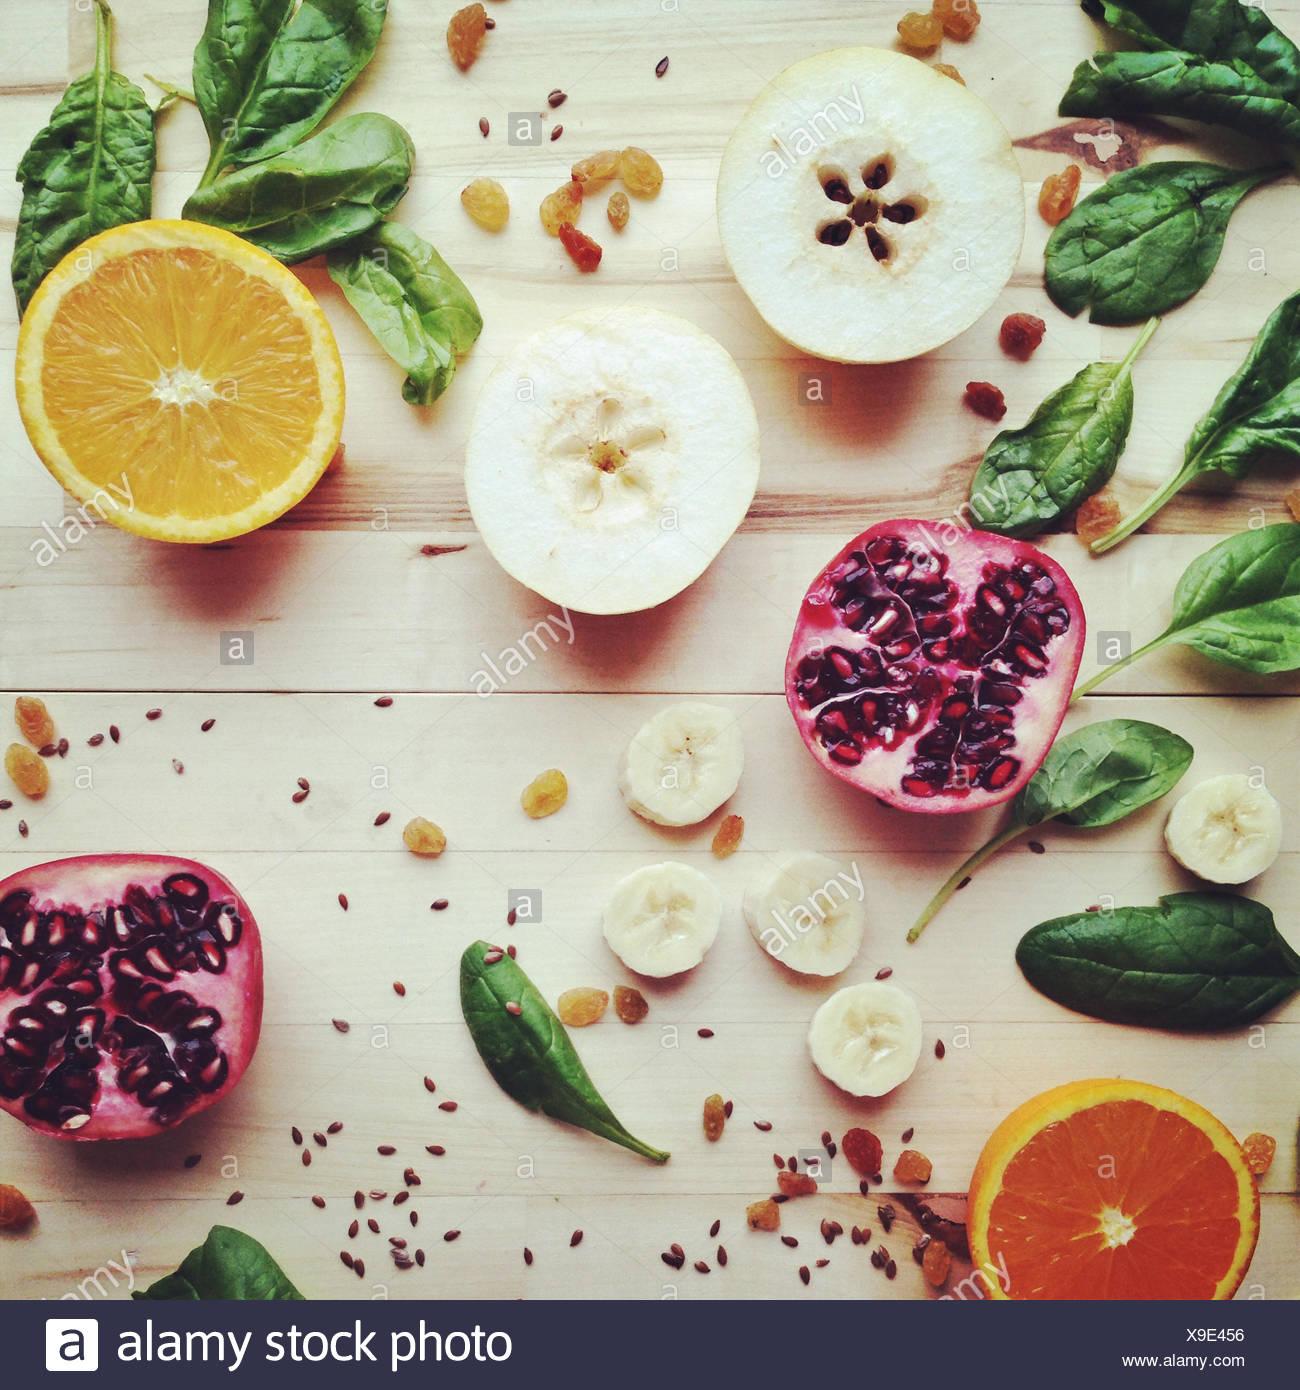 Rodajas de frutas, semillas y verduras Imagen De Stock